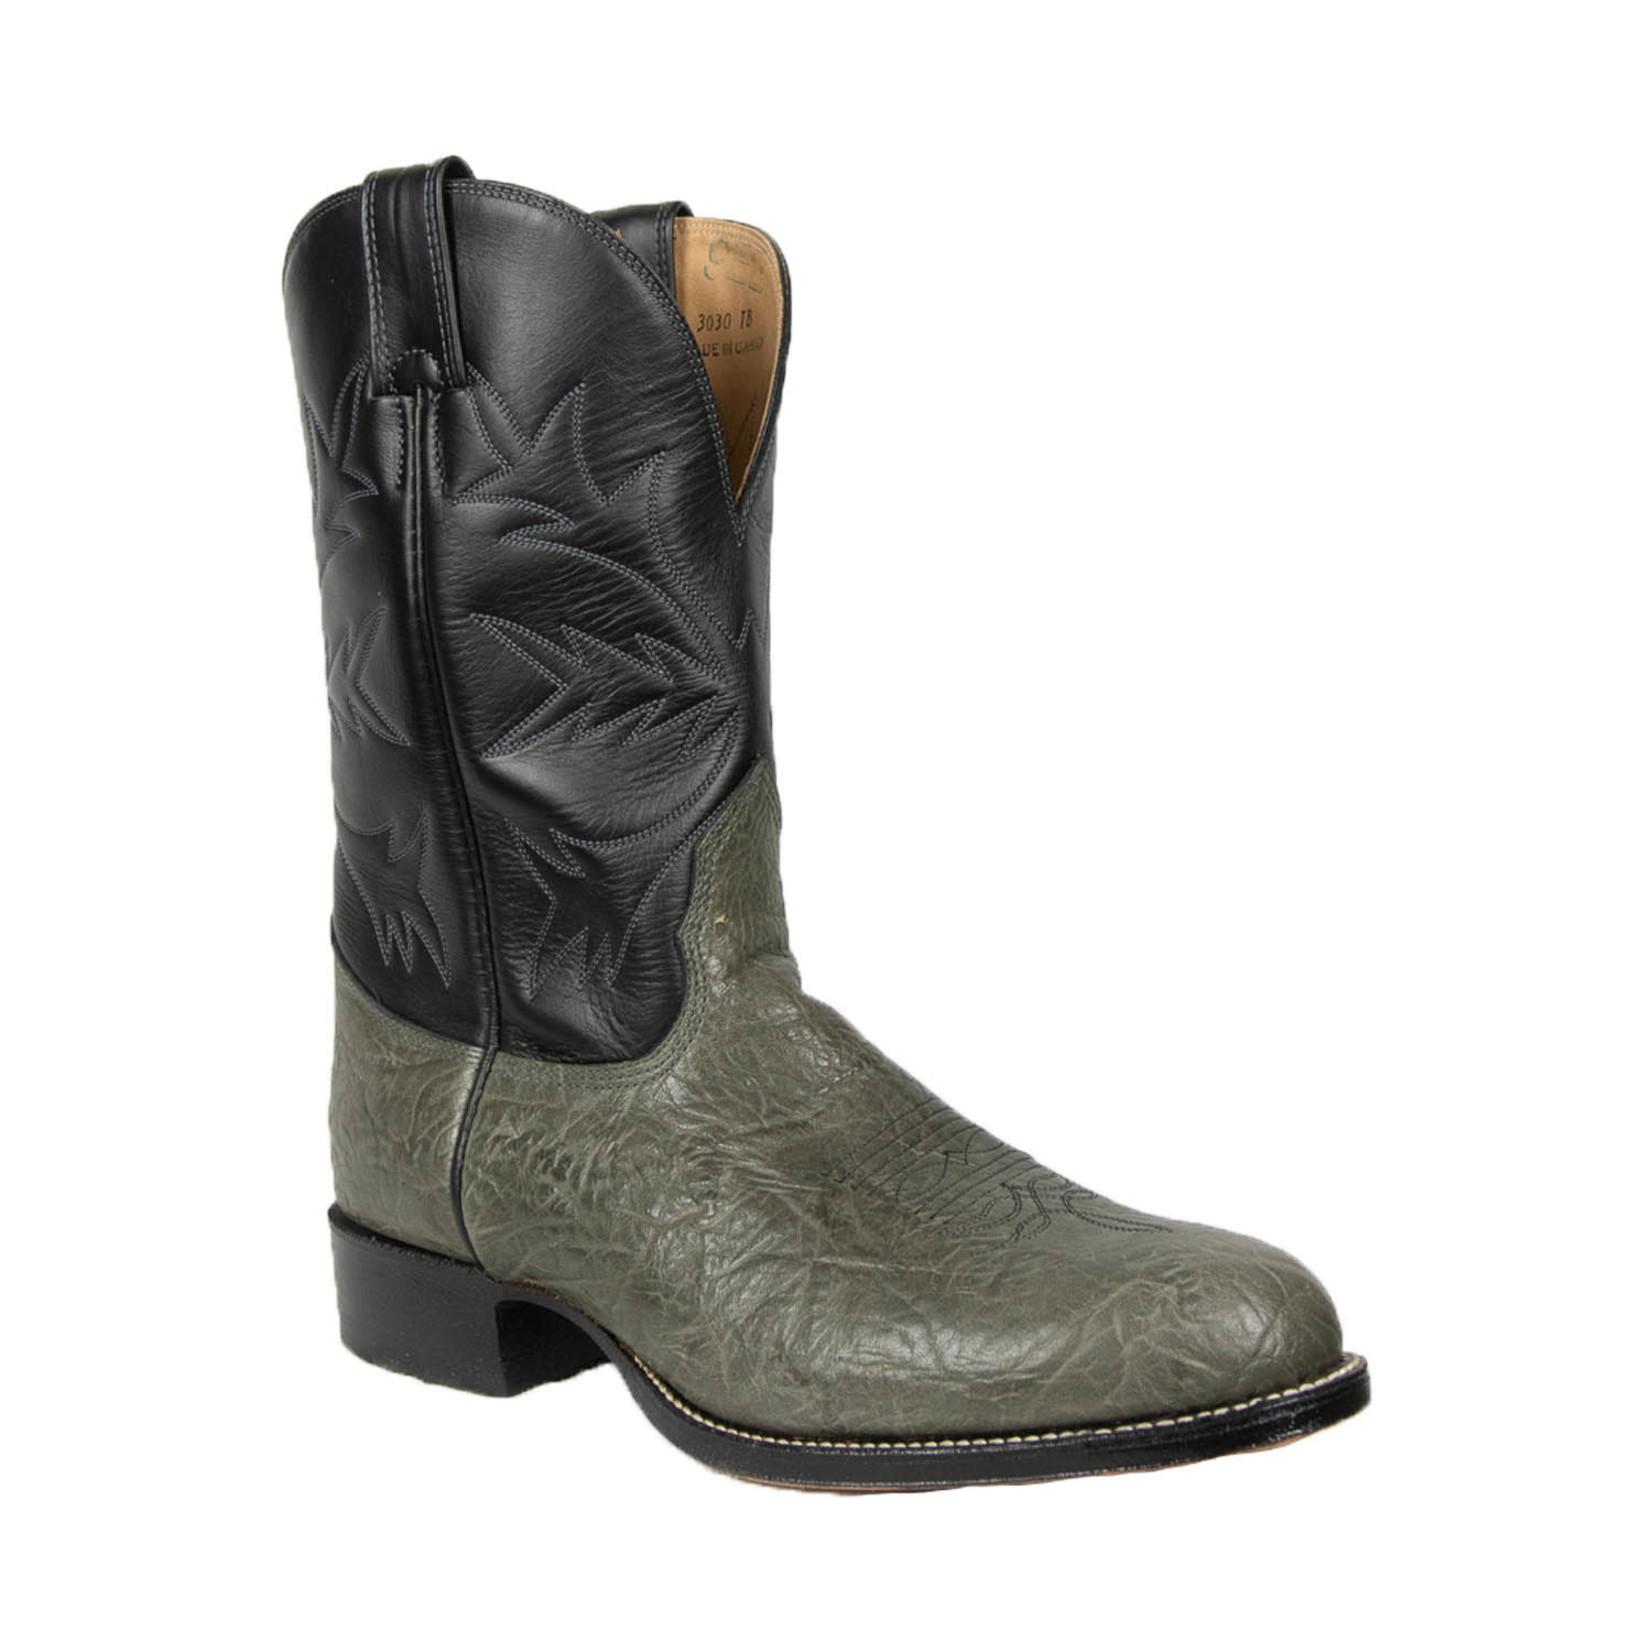 Alberta Boots Alberta Boots Men's Cowboy Boot 3030TB 2E